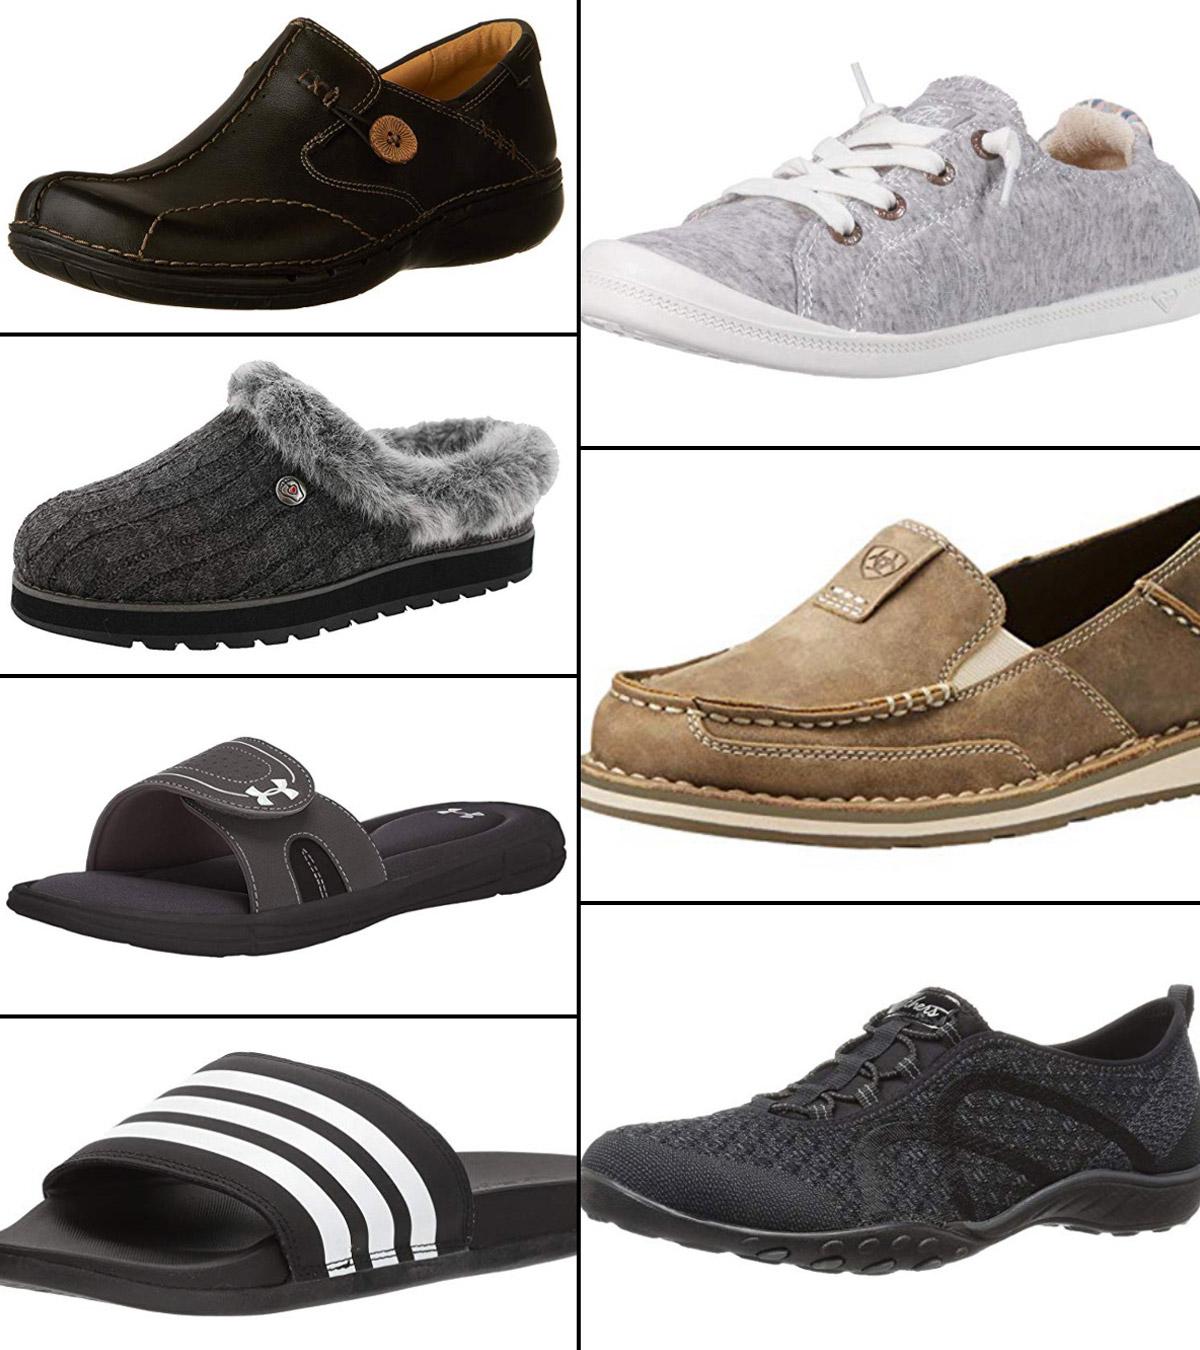 15 Best Pregnancy Footwear To Buy In 2020